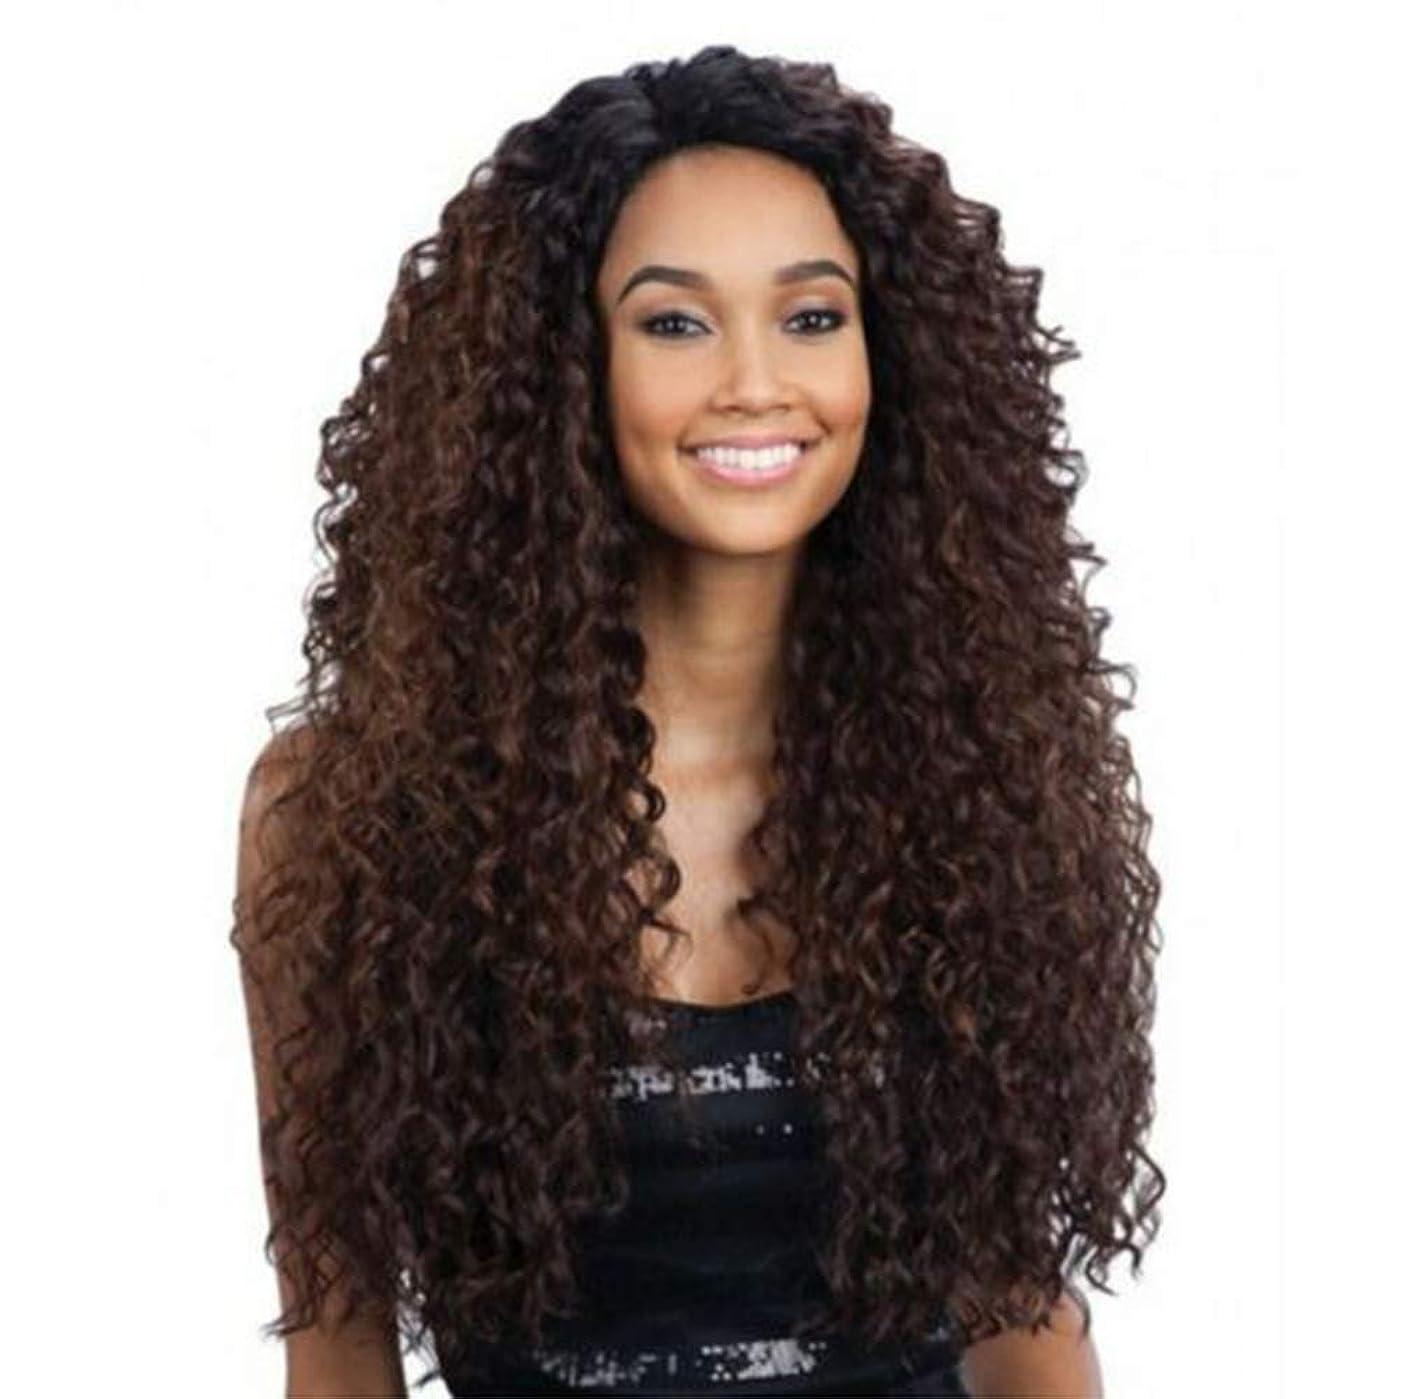 動的トレードイタリアのフロントレースの女性ロングカーリー変態波状かつら合成耐熱繊維毛髪かつら黒26インチ